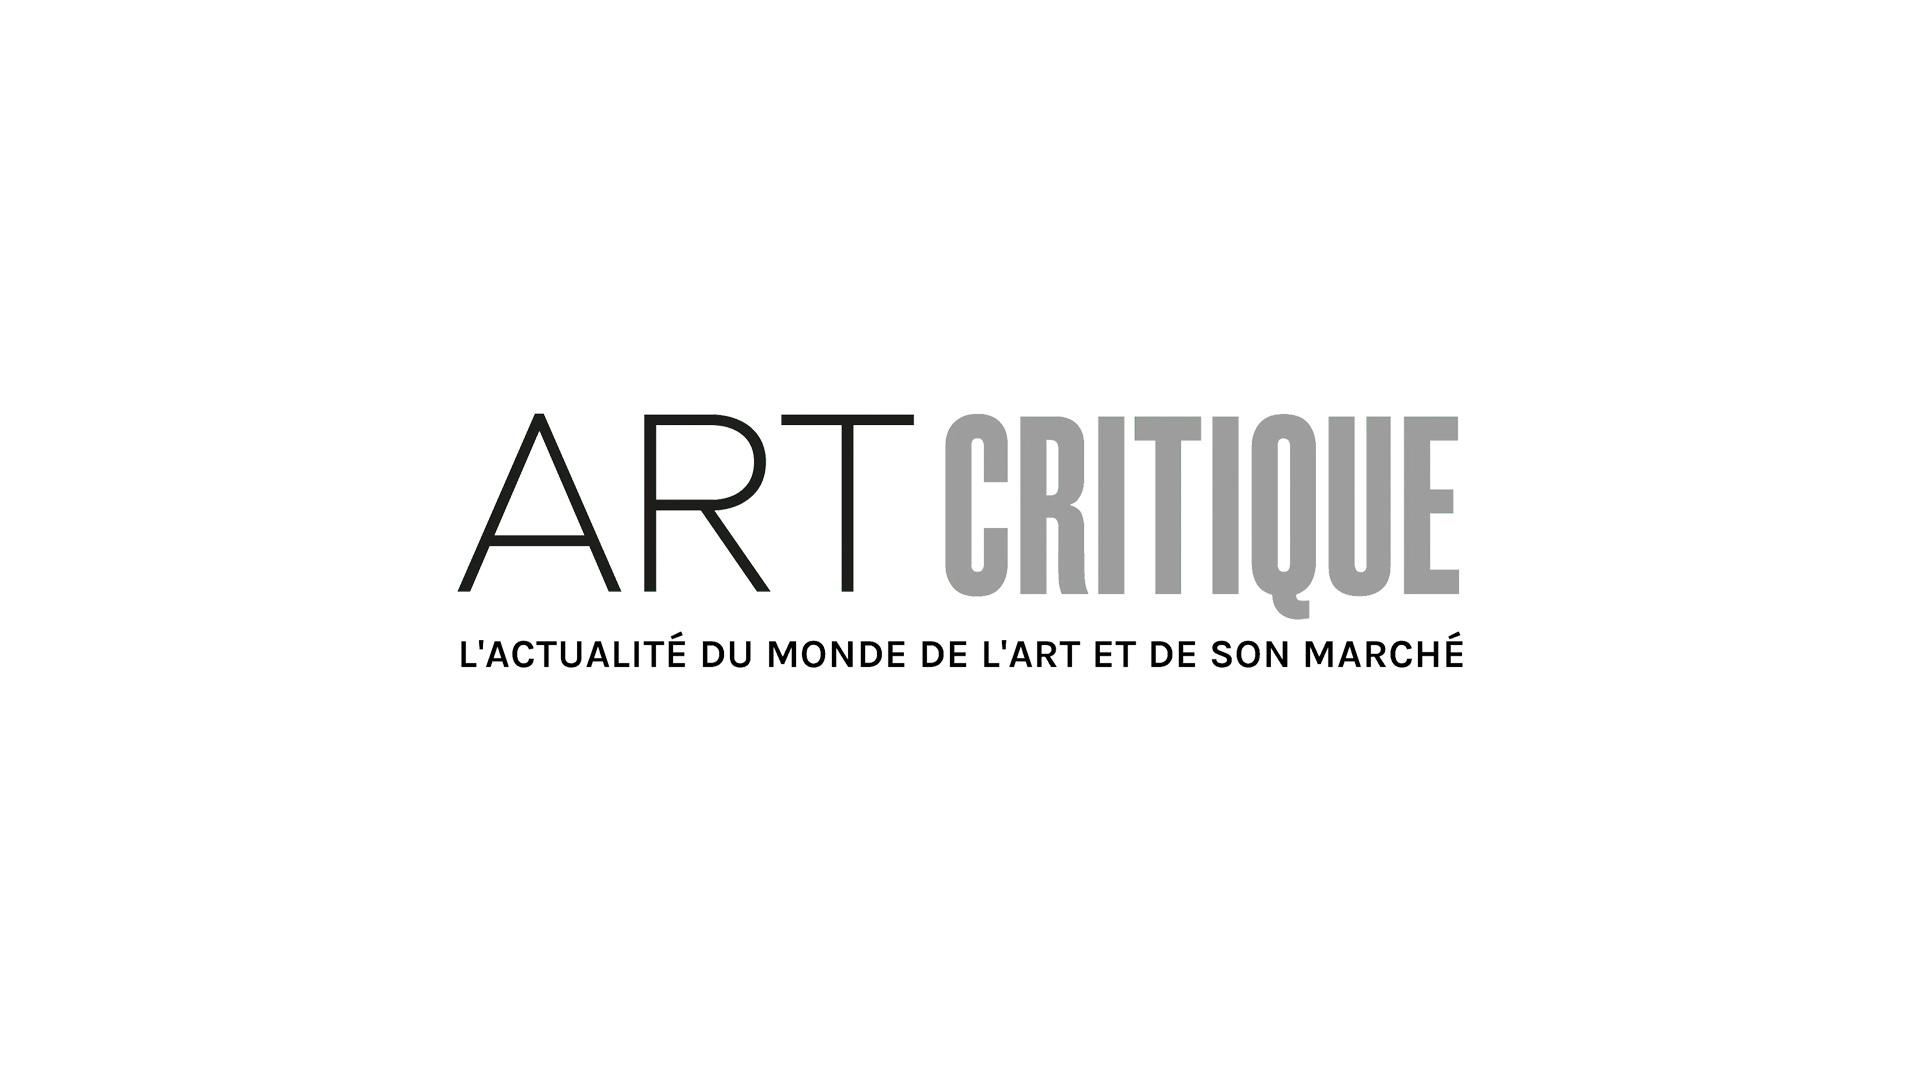 Un portrait inédit de Léonard de Vinci bientôt dévoilé au public